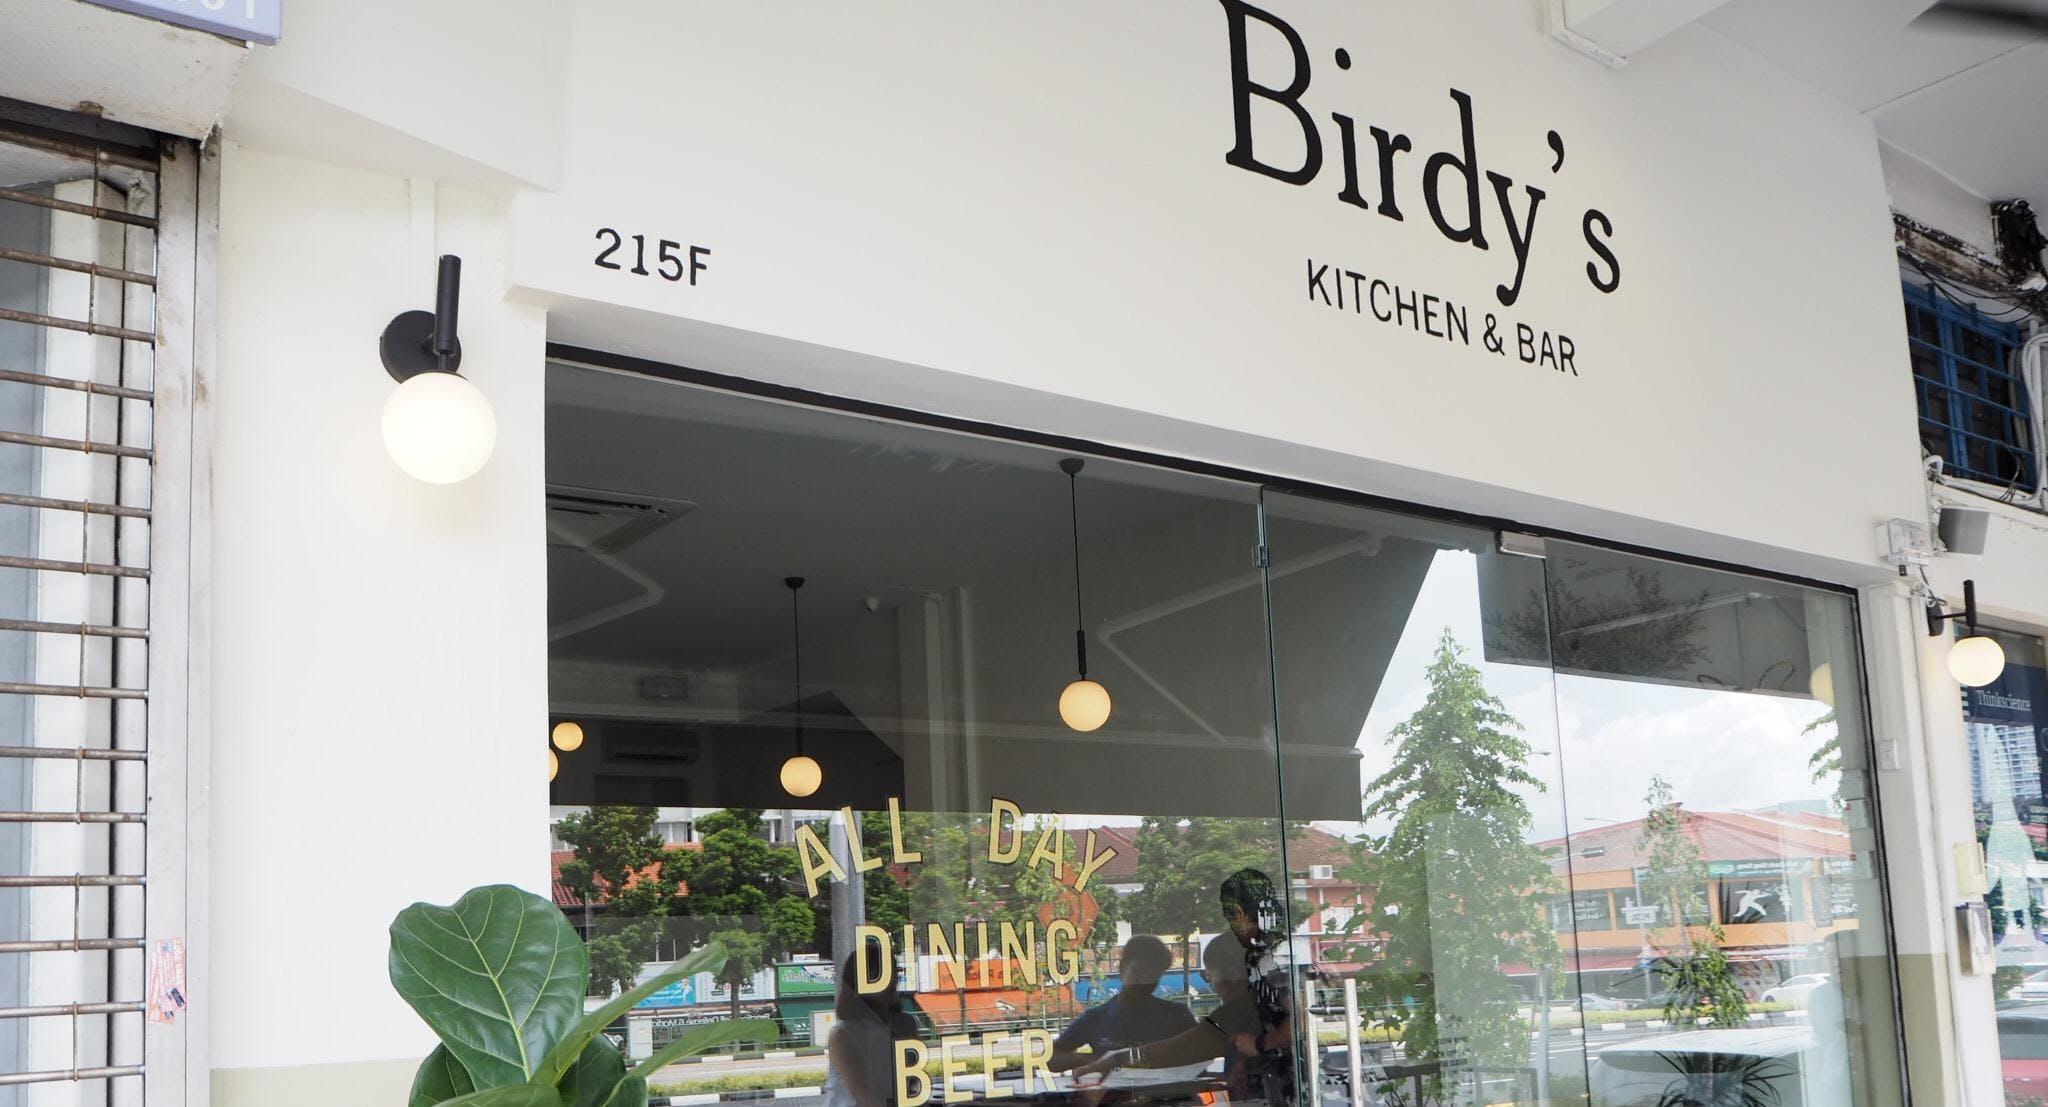 Birdy's Singapore image 1